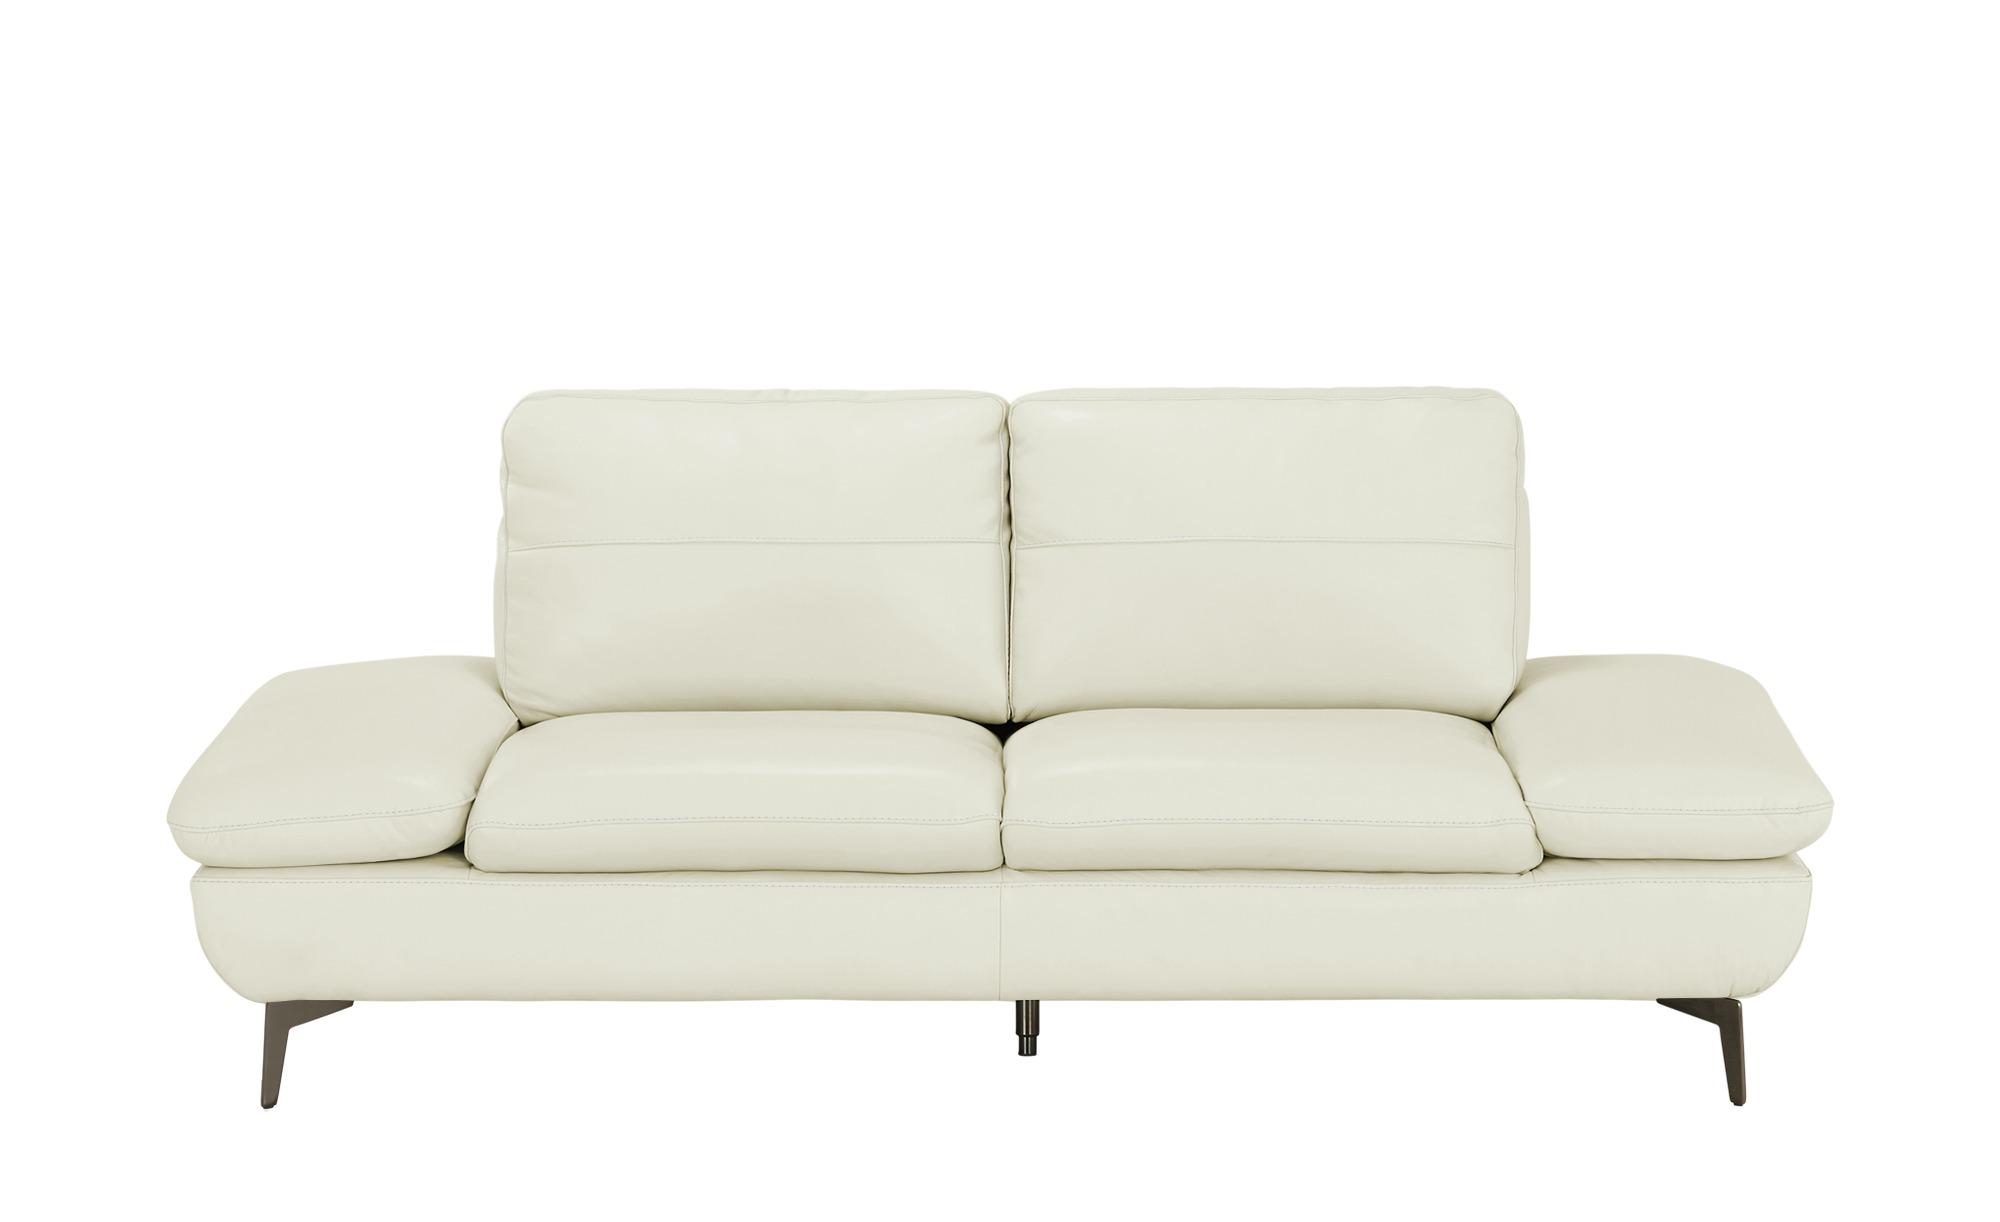 Wohnwert Ledersofa  Amarena ¦ beige ¦ Maße (cm): B: 206 H: 84 T: 96 Polstermöbel > Sofas > 2-Sitzer - Höffner